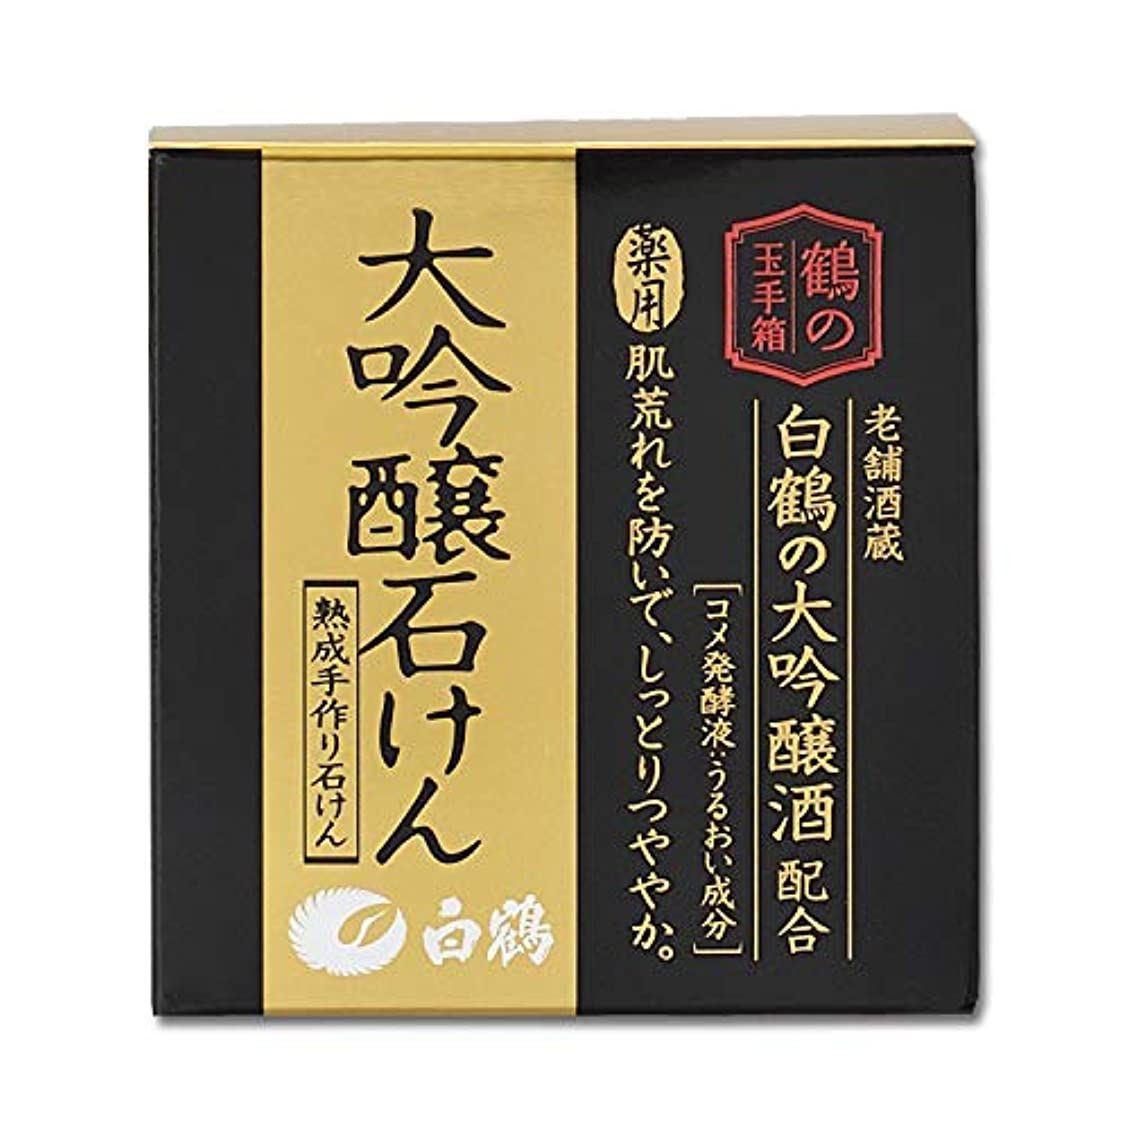 学ぶ住人ペレグリネーション白鶴 鶴の玉手箱 薬用 大吟醸石けん 100g (医薬部外品)